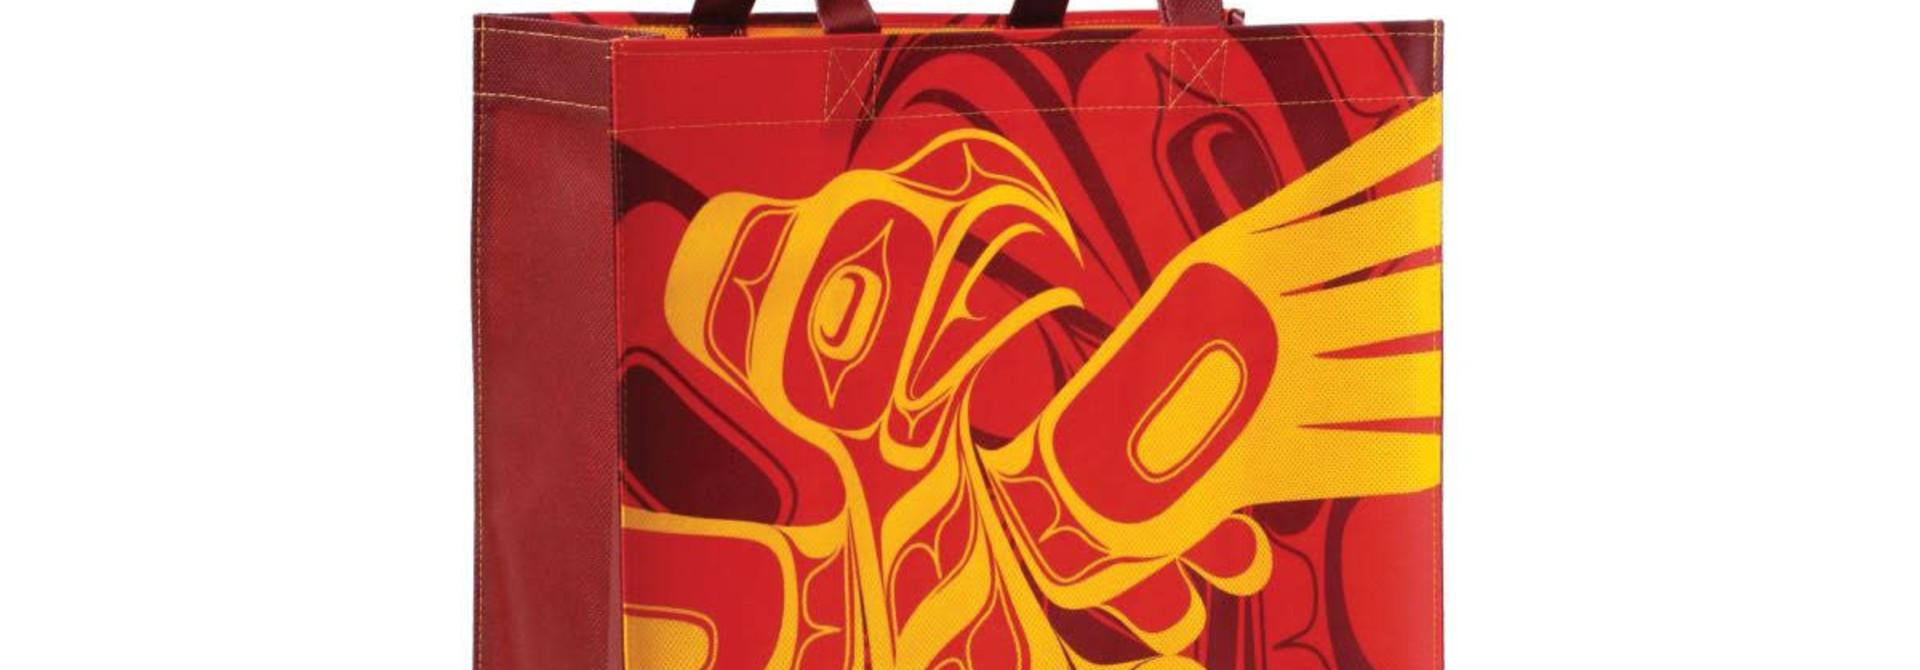 Eco Bag- Eagle by Allan Weir